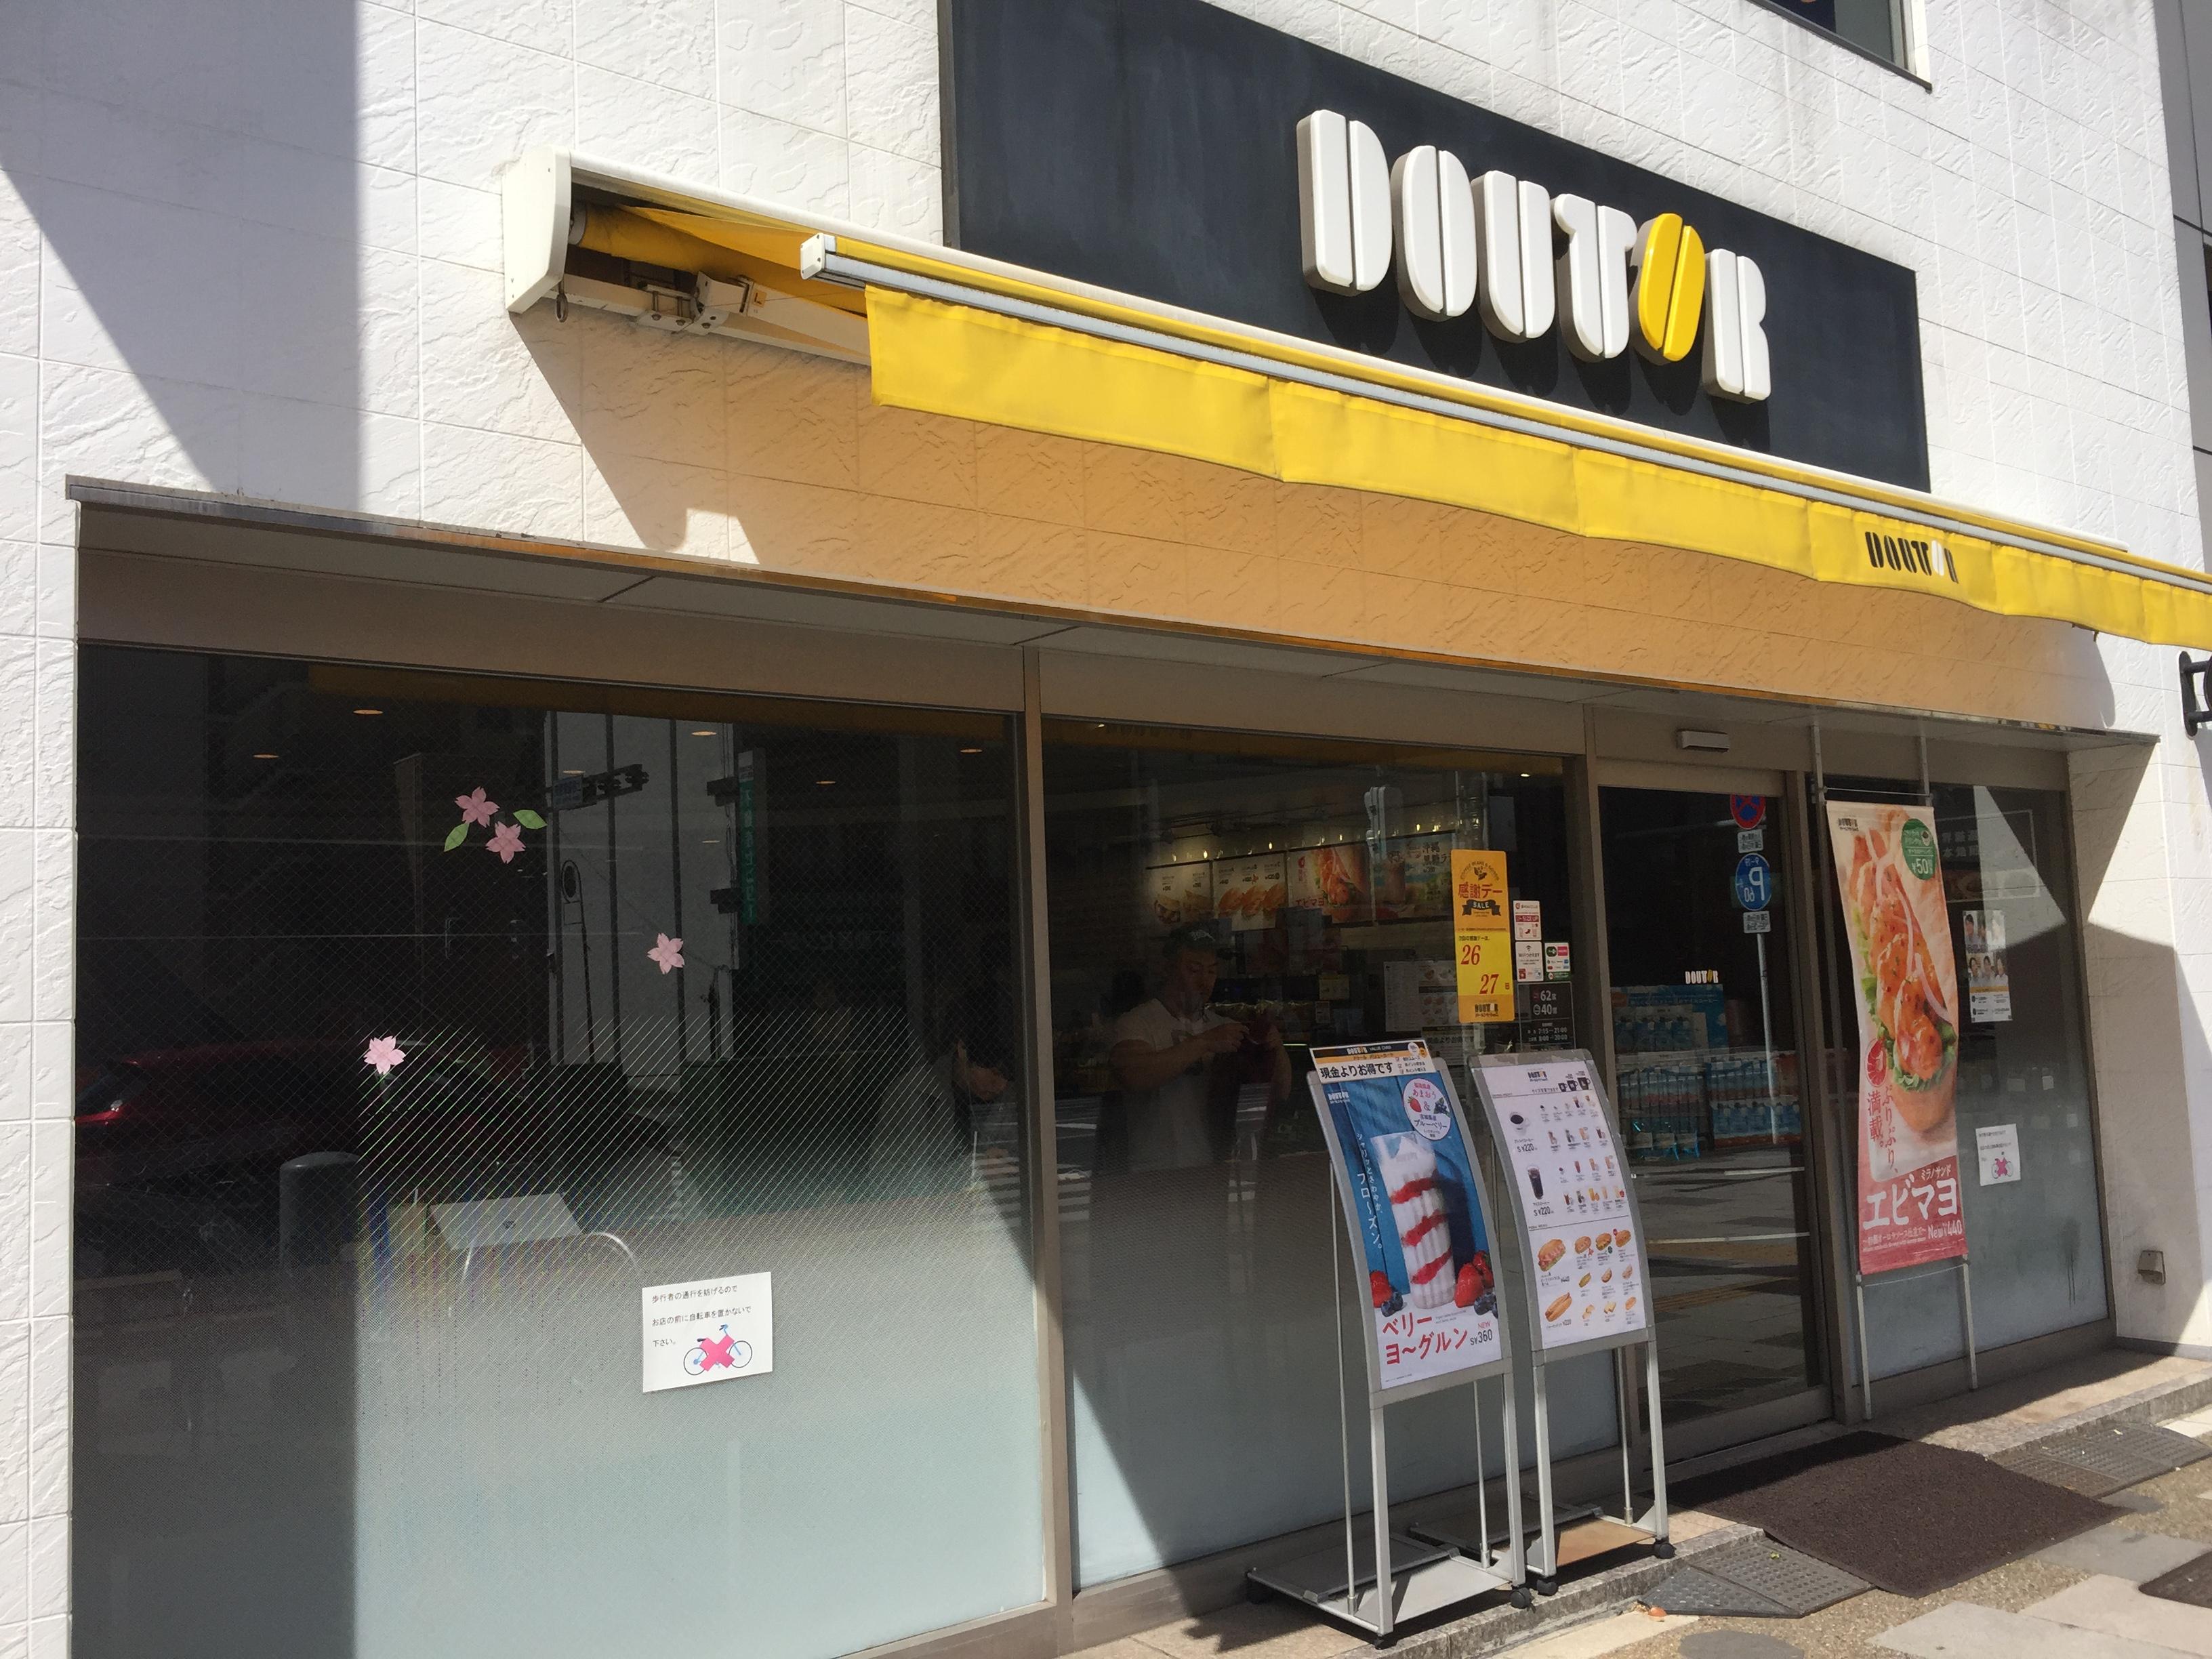 上野駅浅草口 電源カフェ ドトールコーヒーショップ 上野浅草通り店